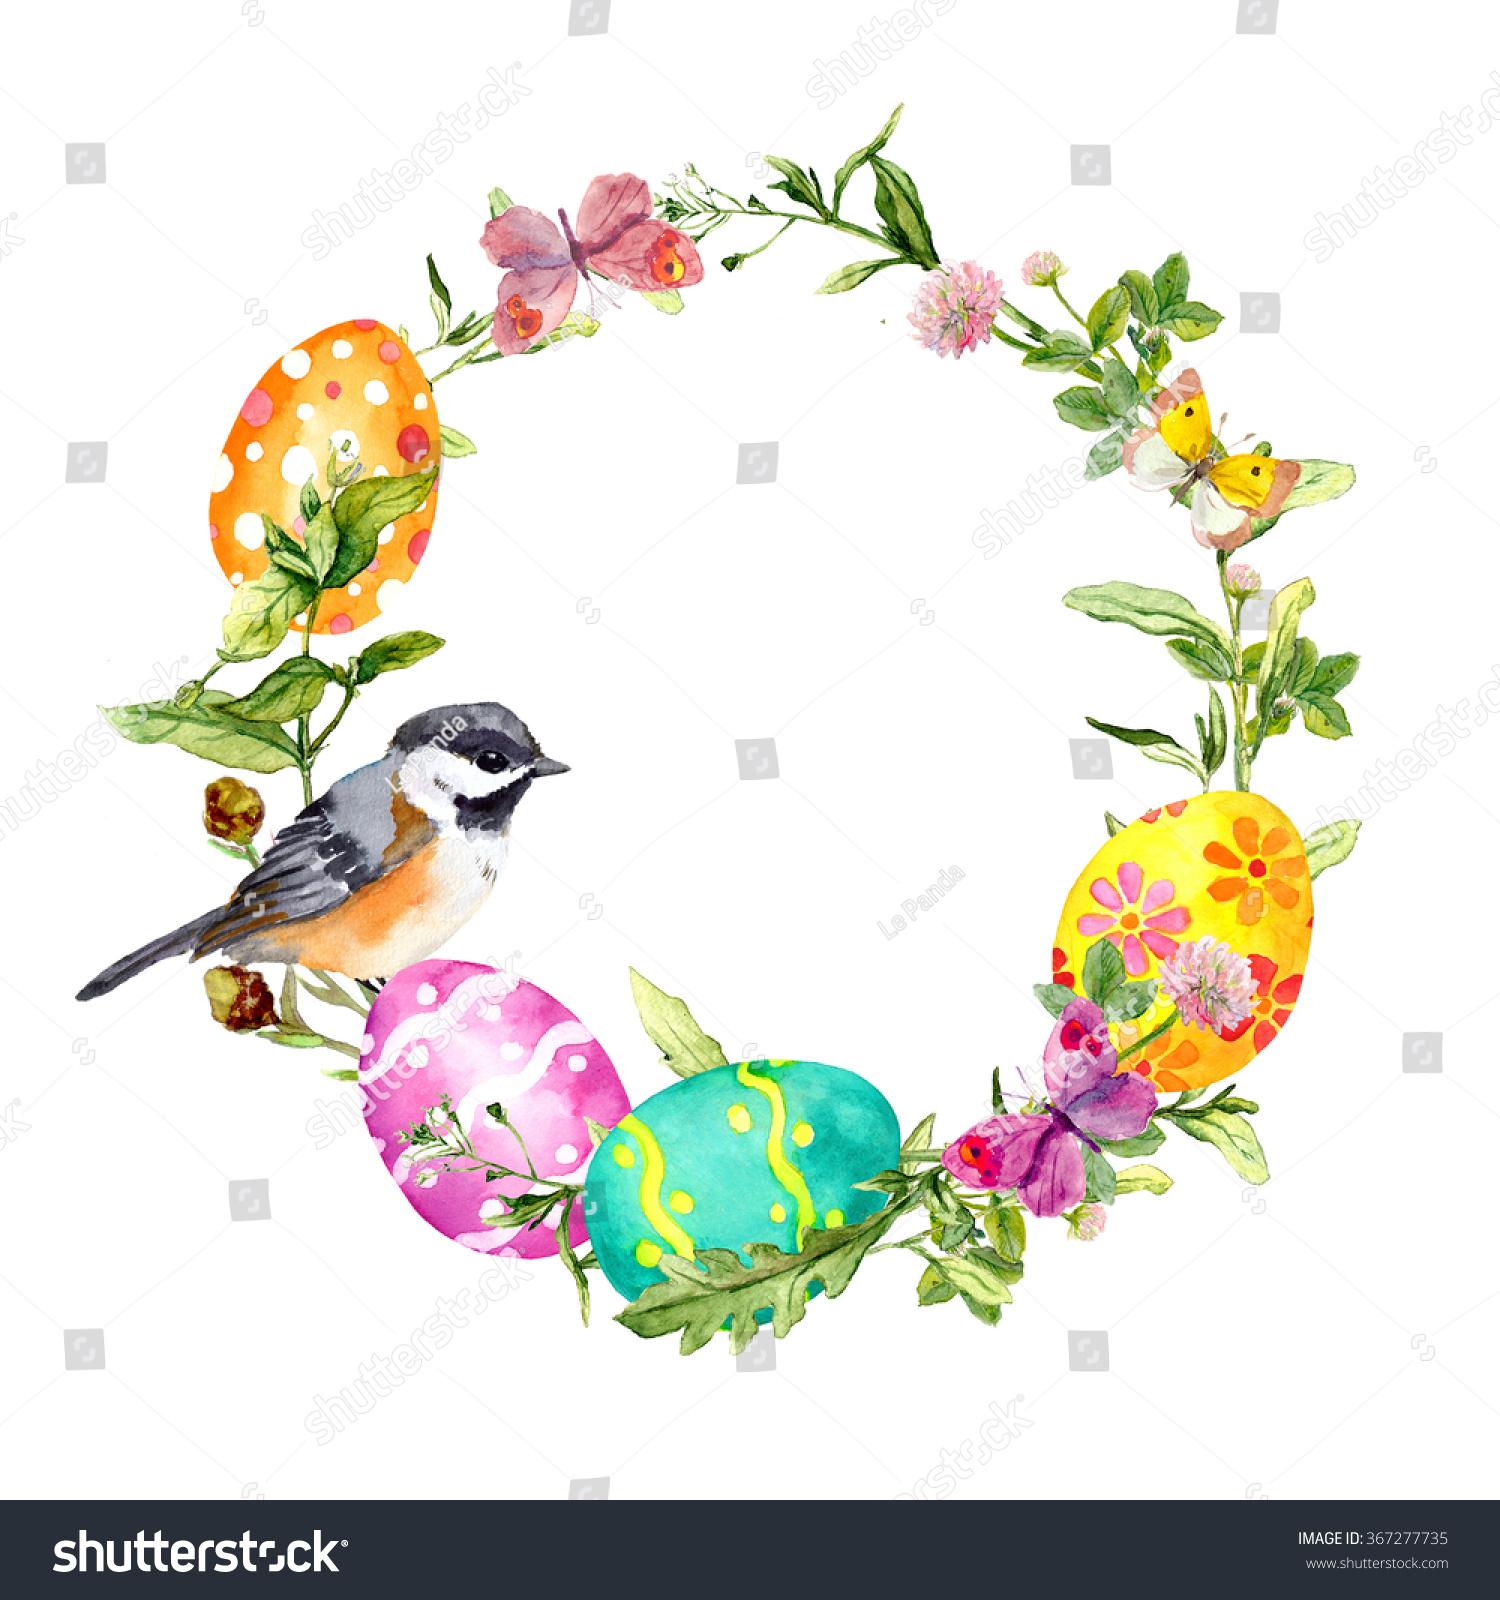 Easter Egg Border Png